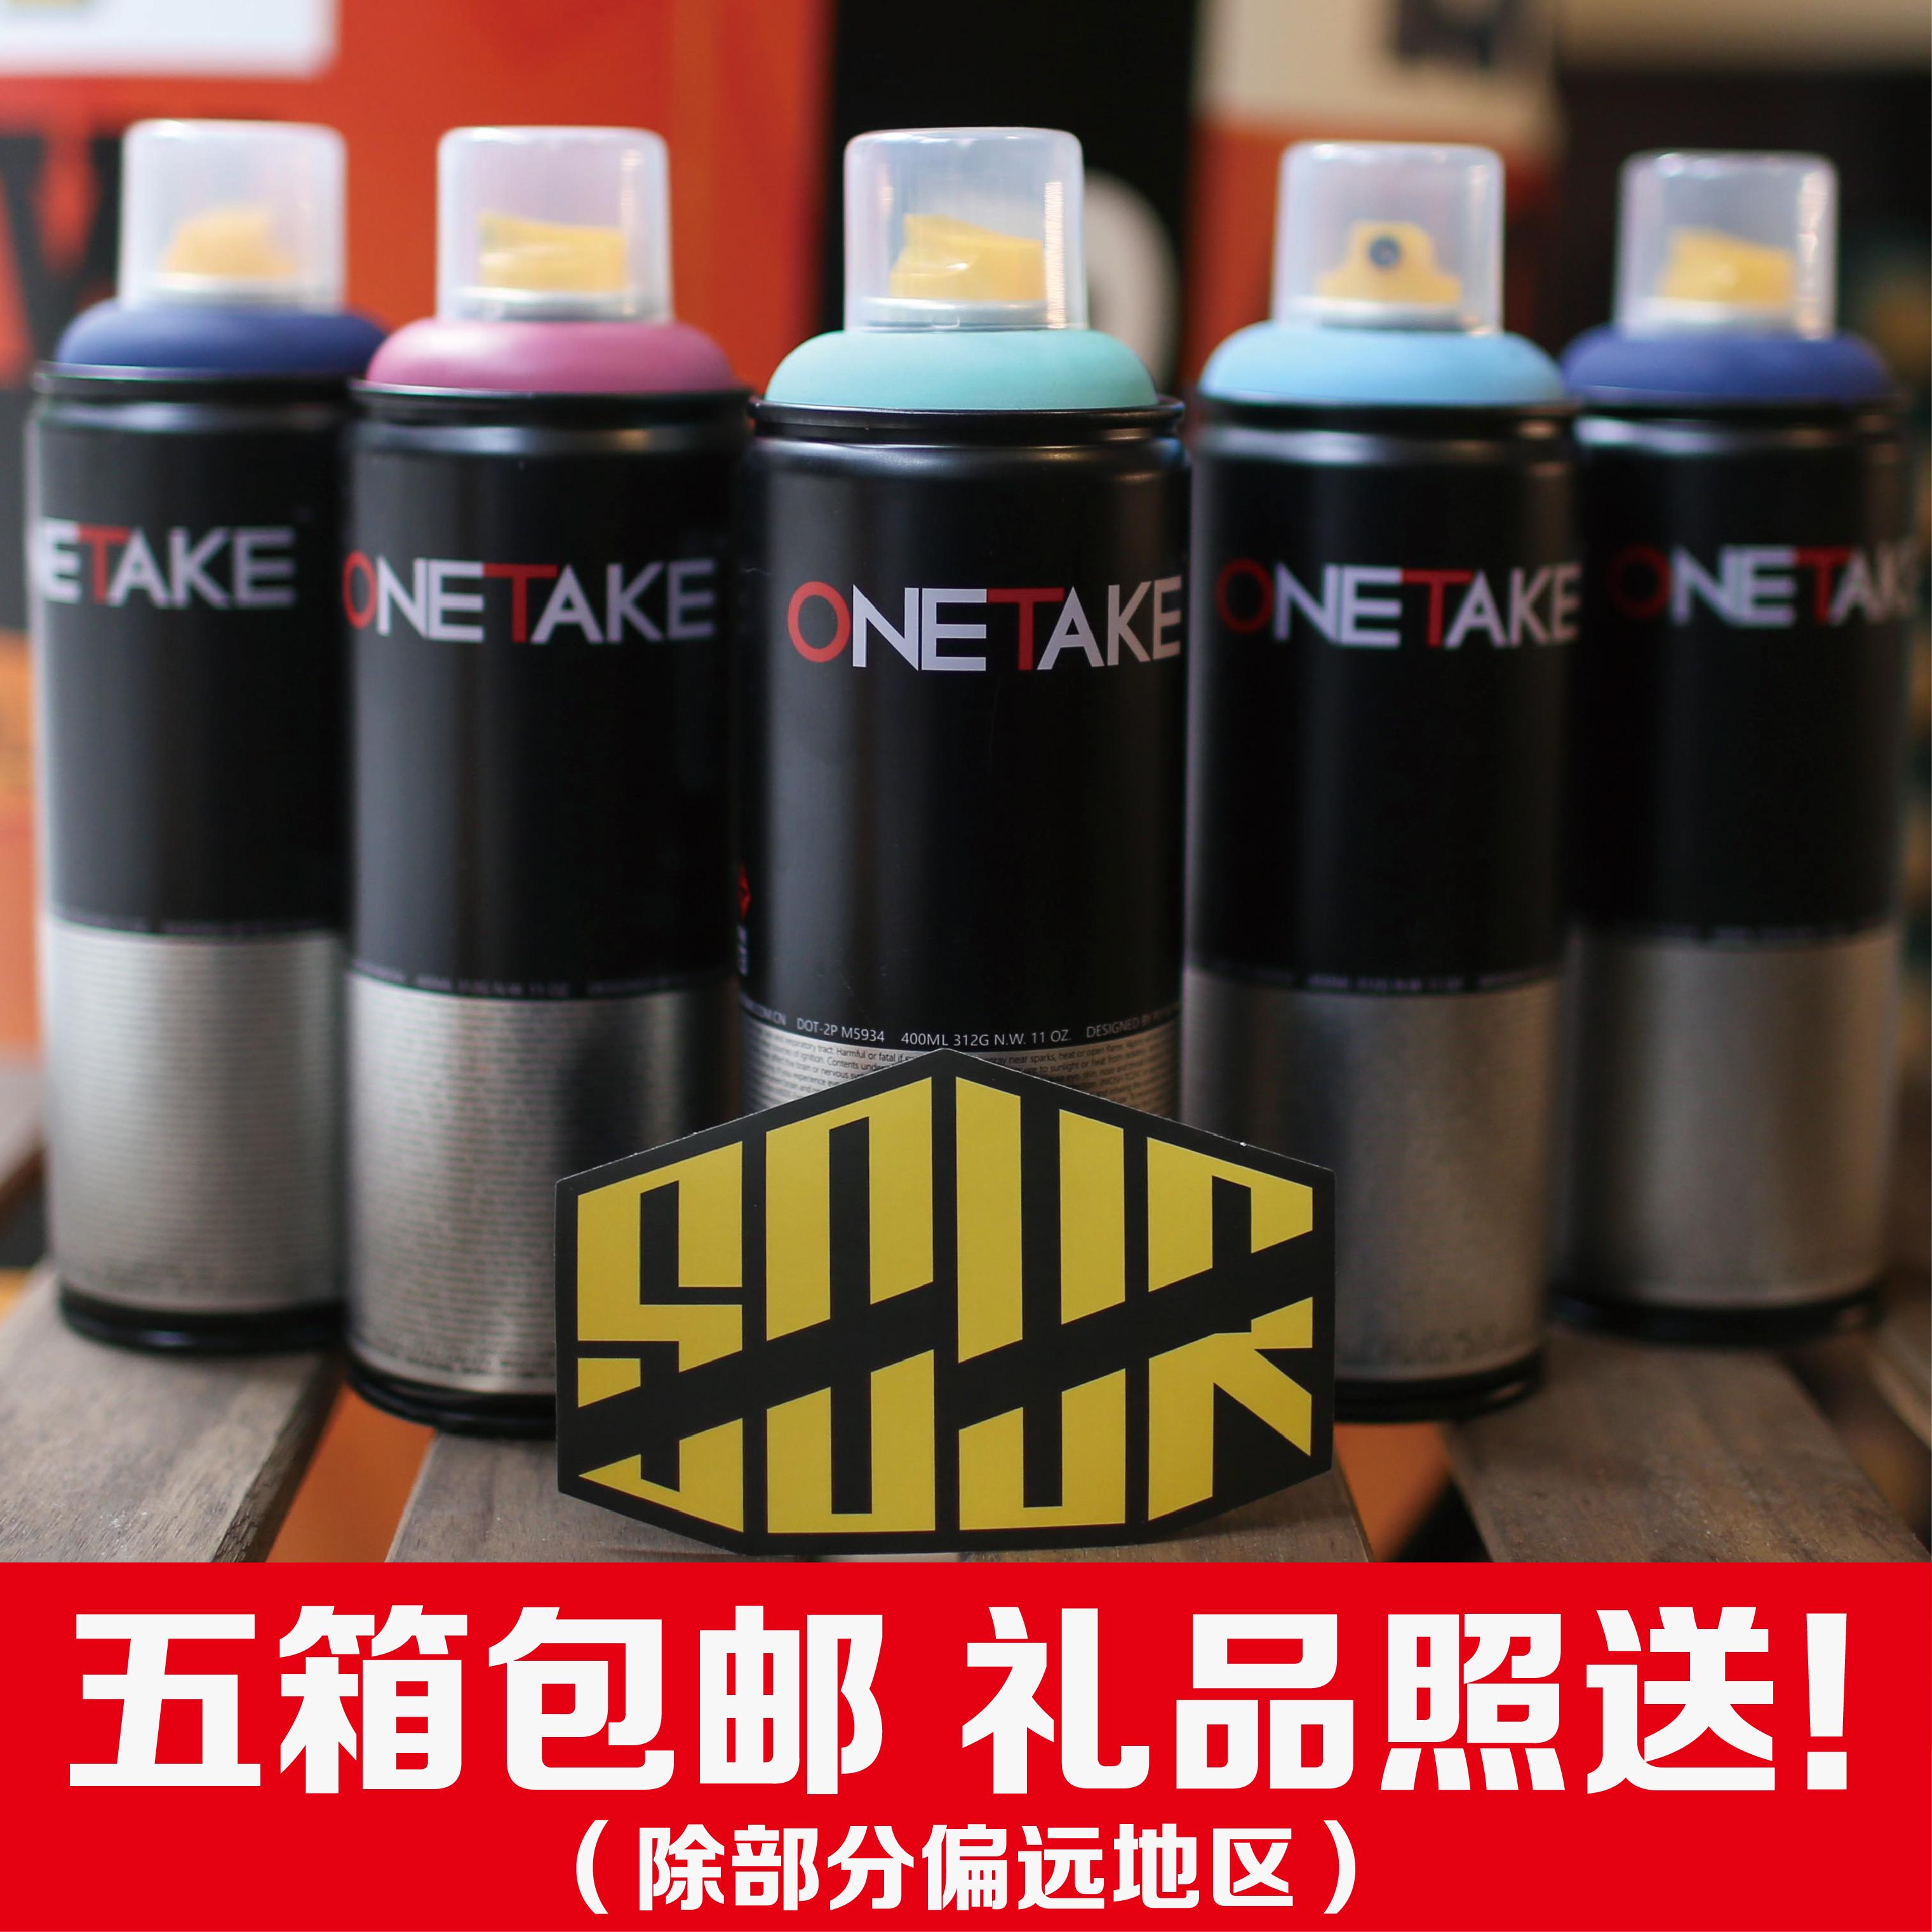 Onetake | специальность граффити искусство окраска распылением мощность 400ml 116 цвет рука окраска распылением